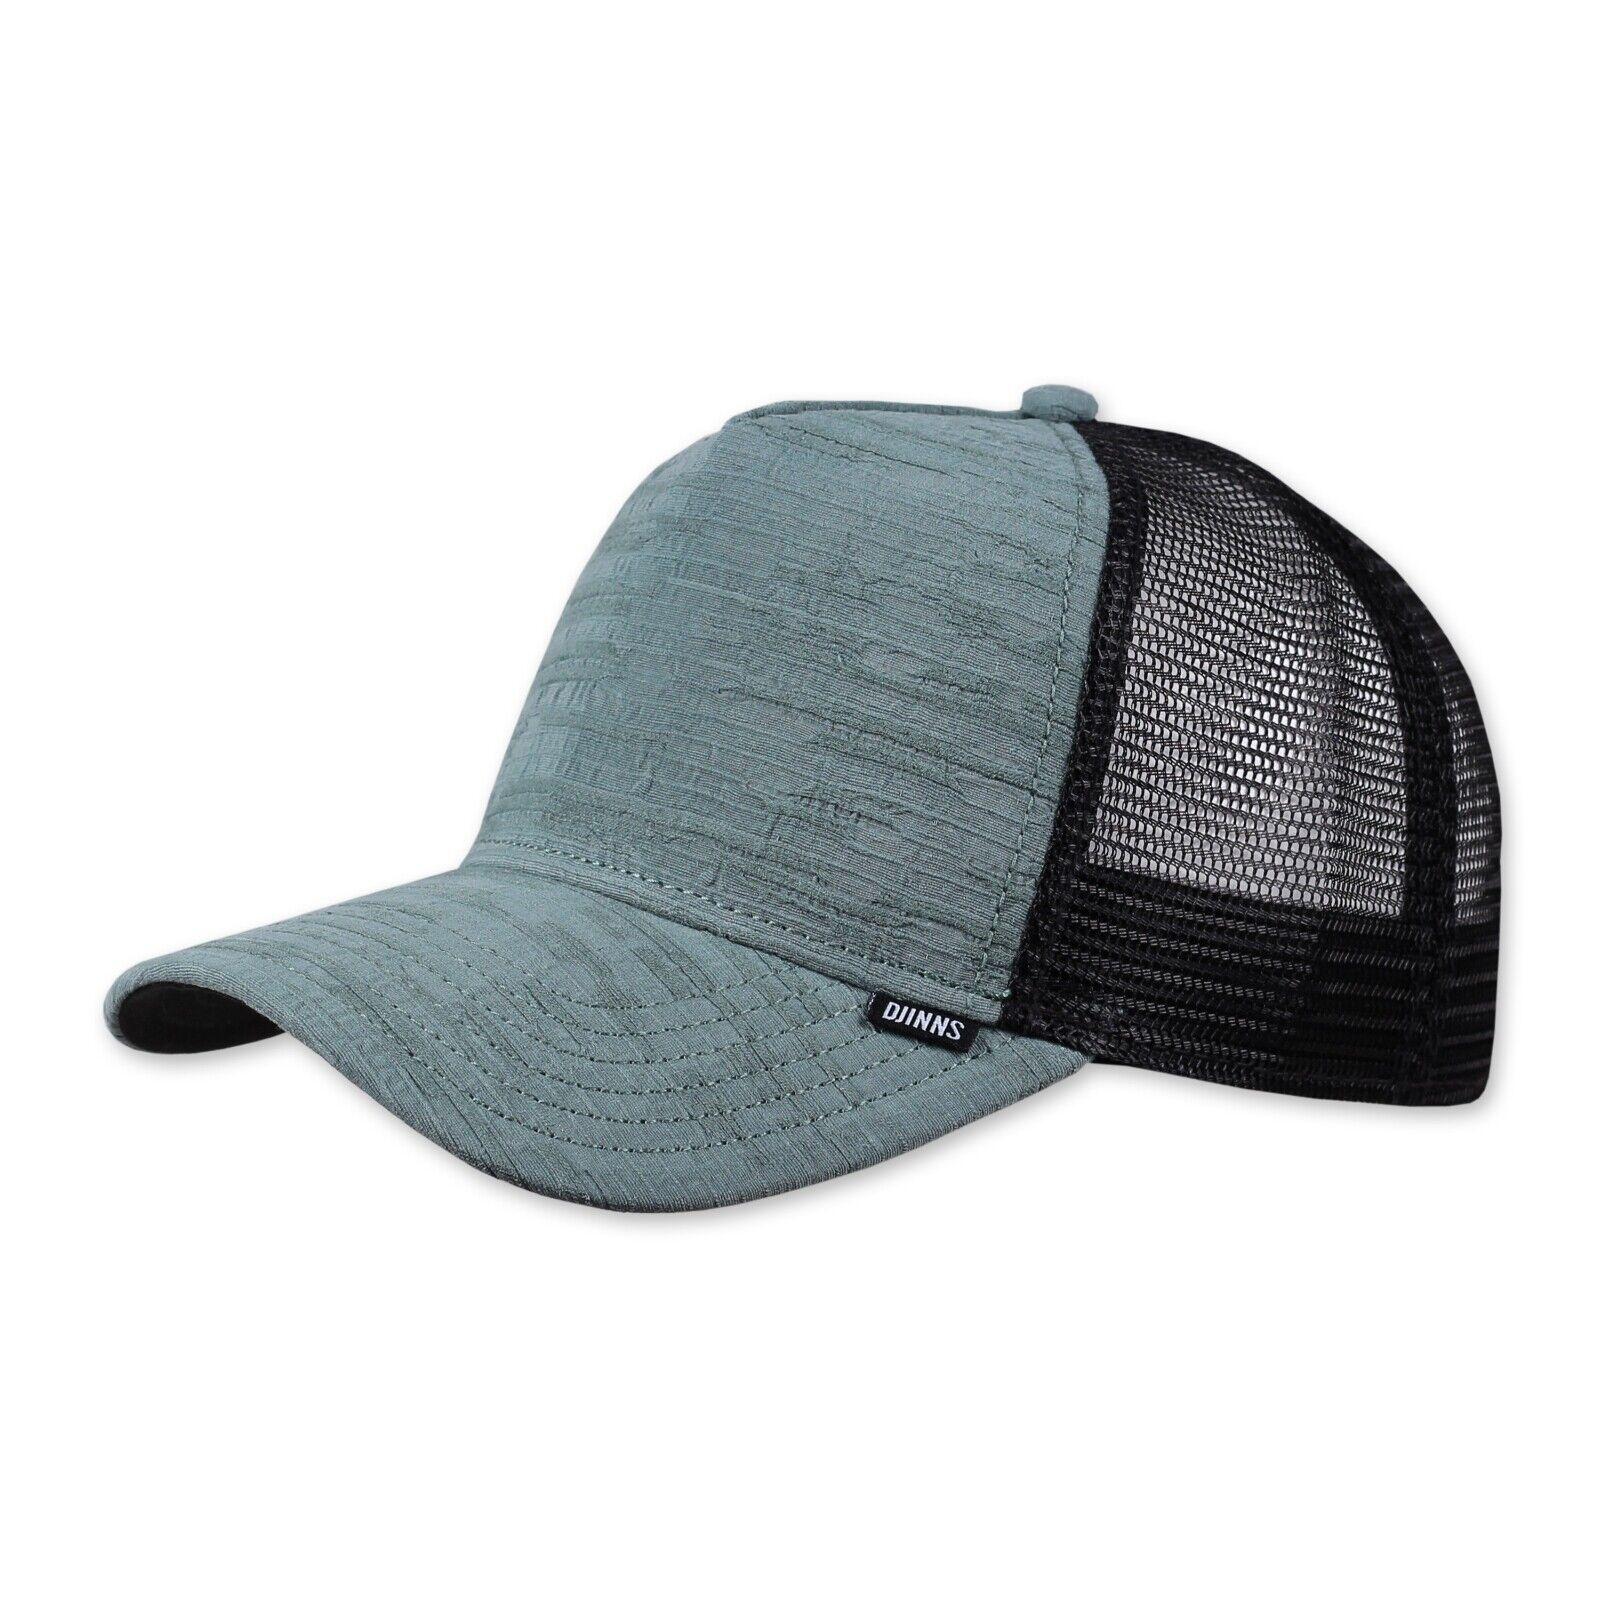 HFT Bigseer Cap slate